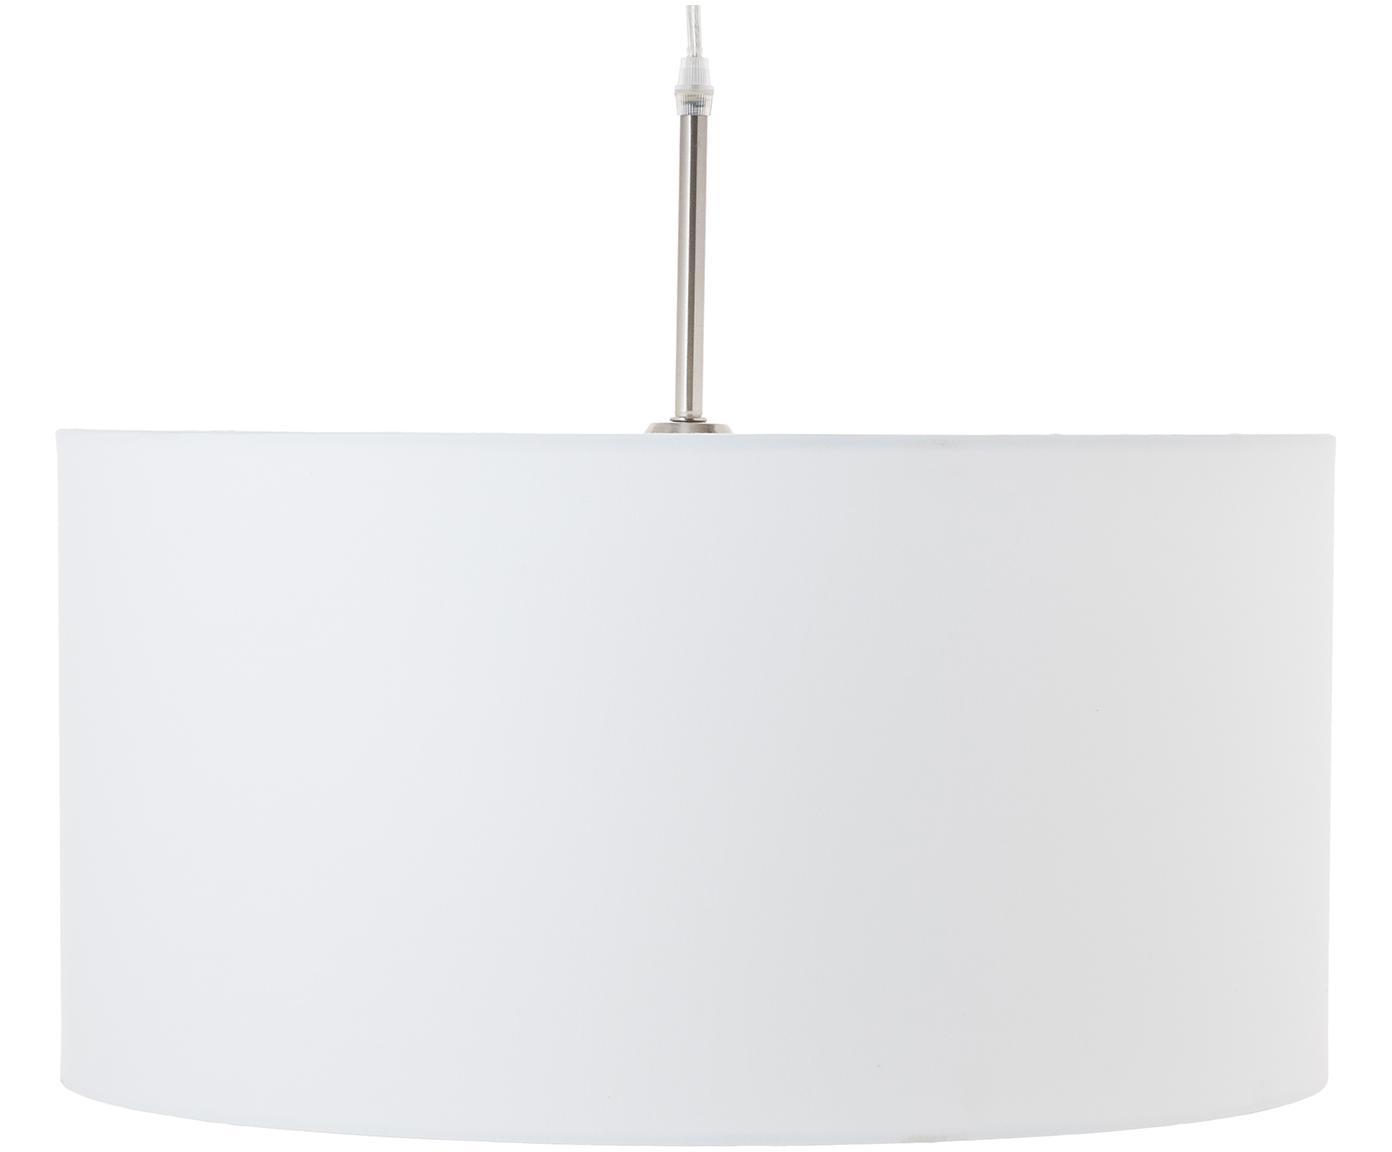 Pendelleuchte Blank aus Baumwolle, Lampenschirm: Baumwollgemisch, Baldachin: Metall, vernickelt, Weiss, ∅ 50 x H 25 cm